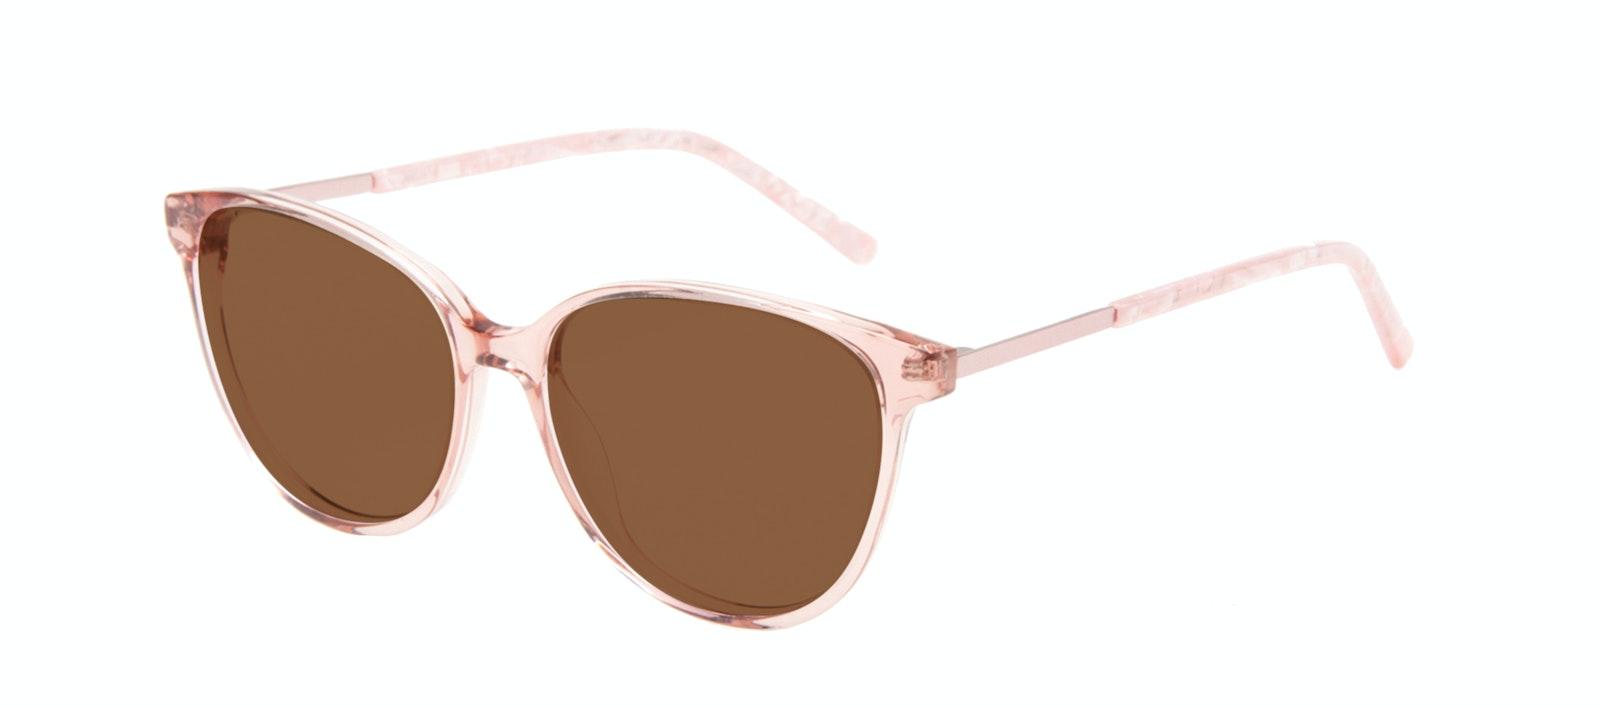 Lunettes tendance Oeil de chat Lunettes de soleil Femmes Imagine II Rose Marble Incliné